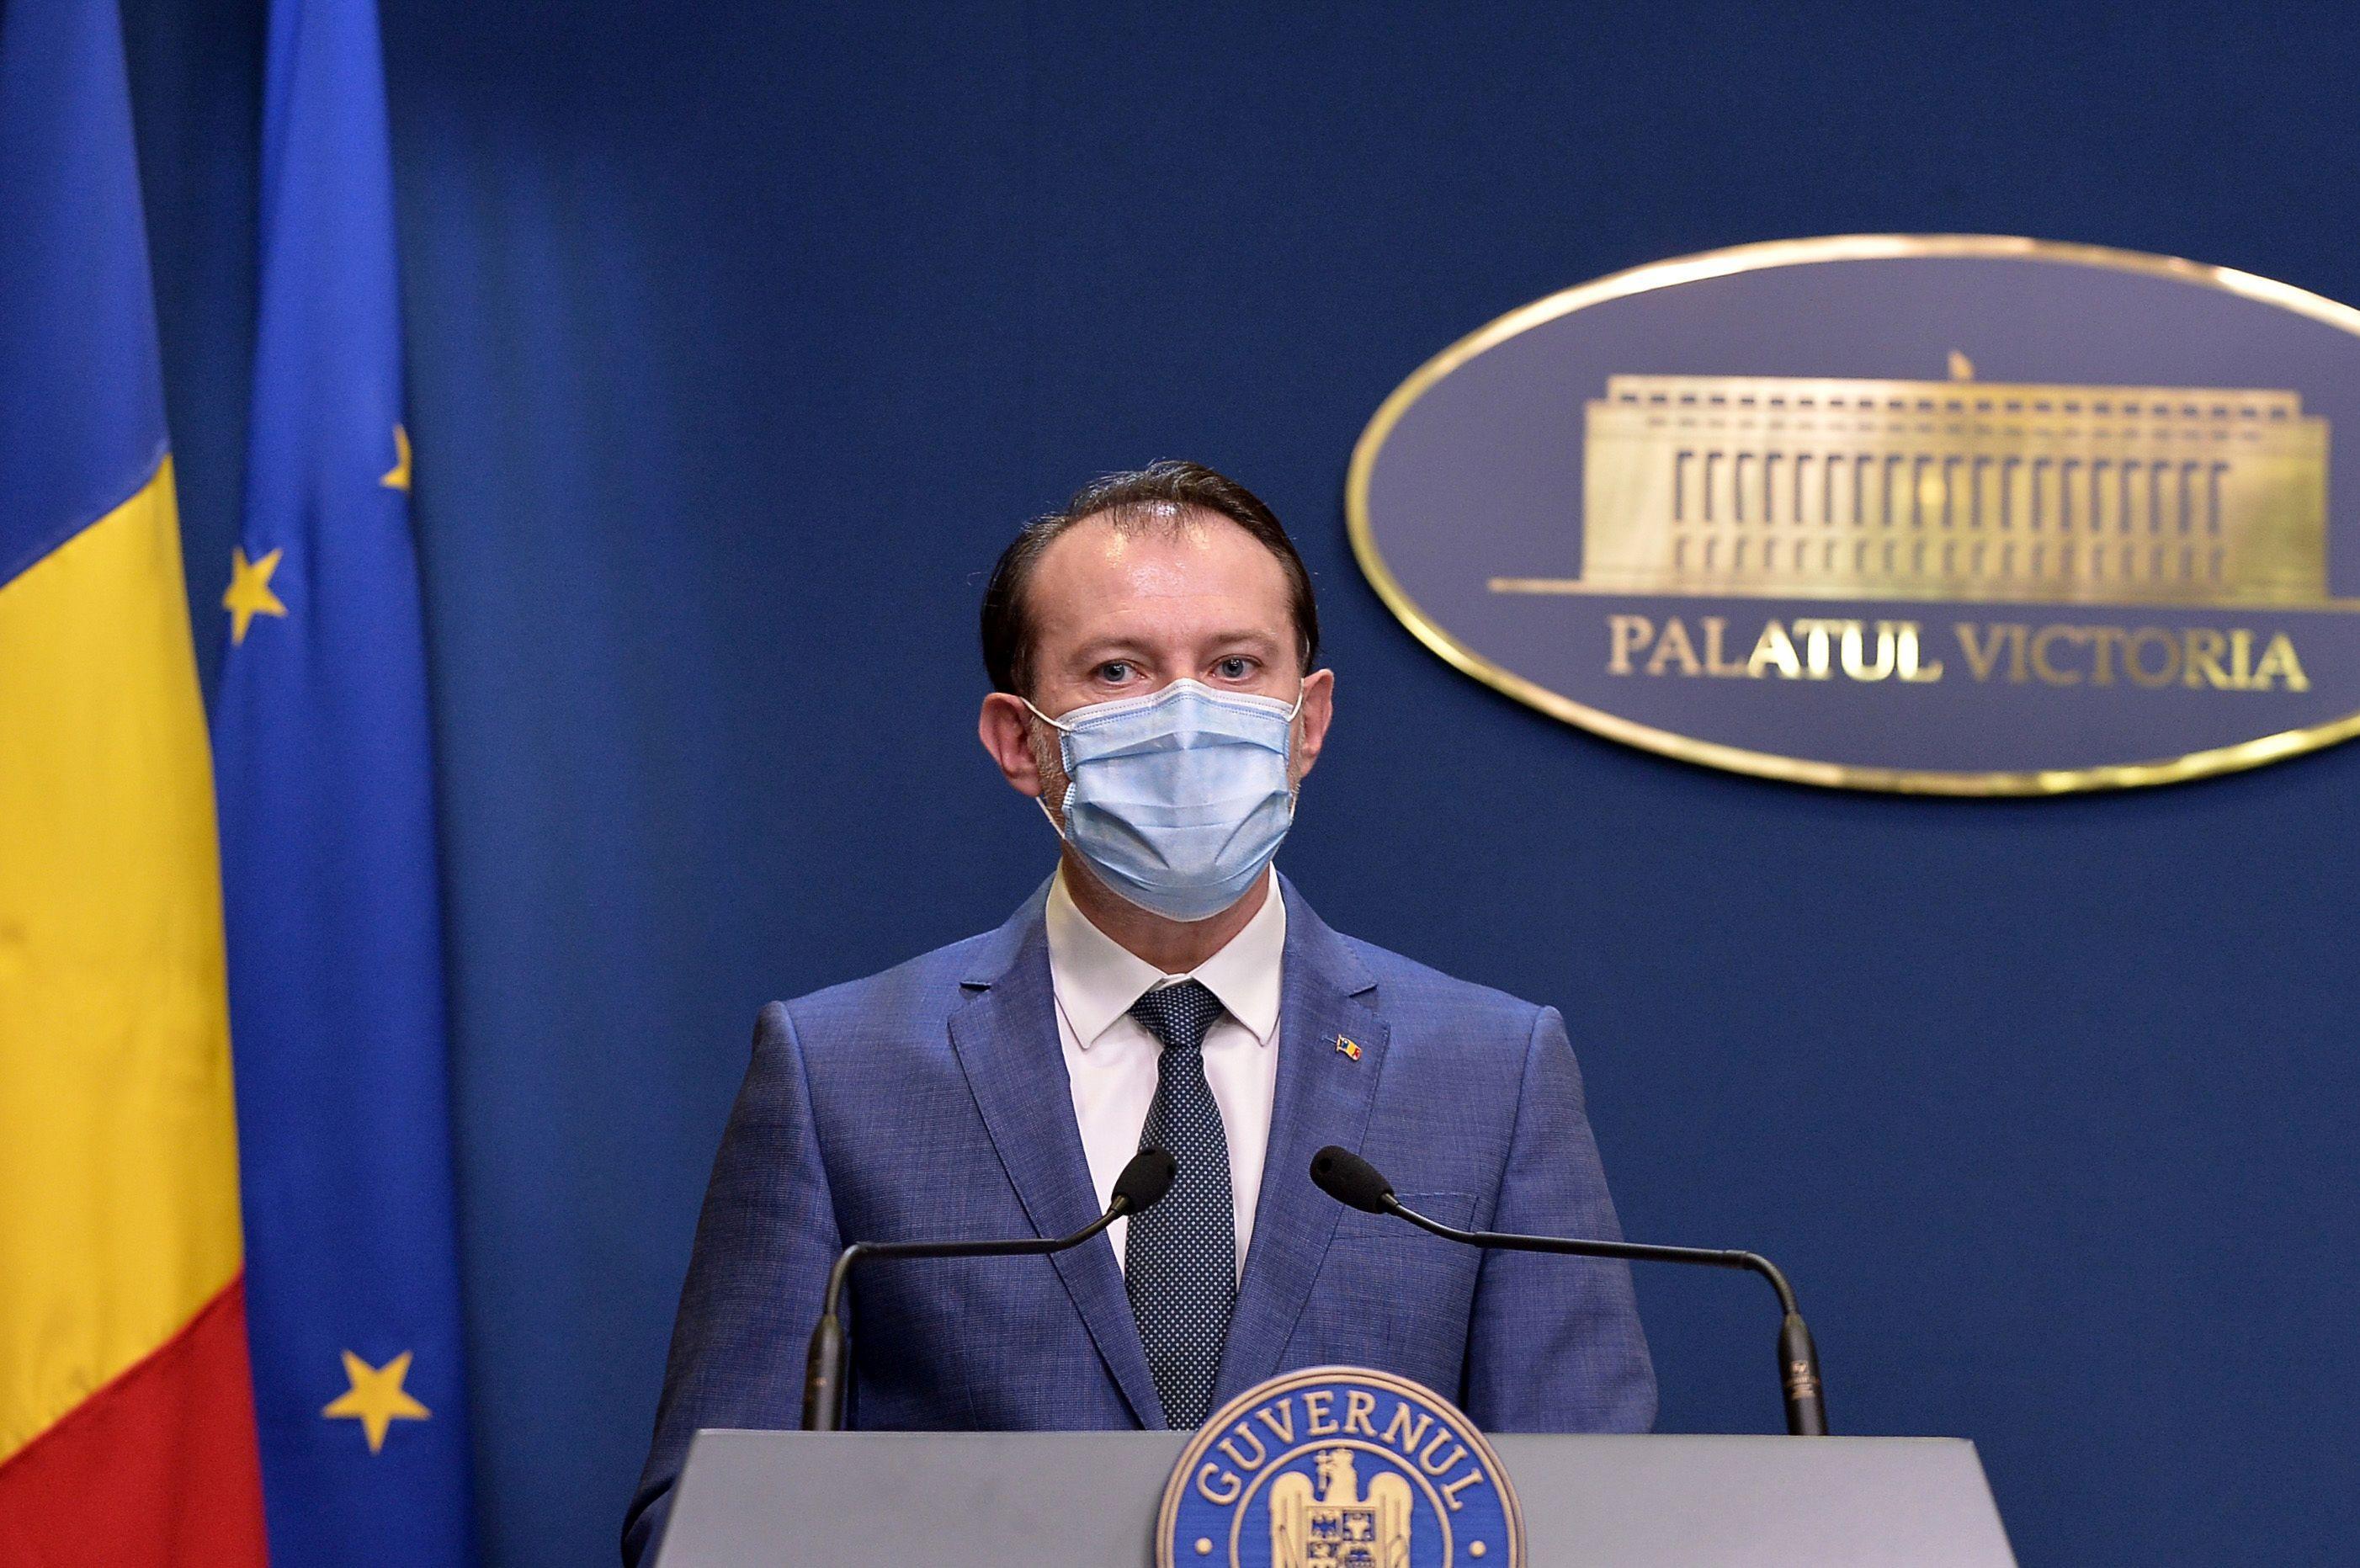 """Florin Cîțu, în ziua în care România a ajuns la un milion de persoane vaccinate împotriva Covid: """"Lucrurile vor merge mult mai rapid de acum înainte"""""""